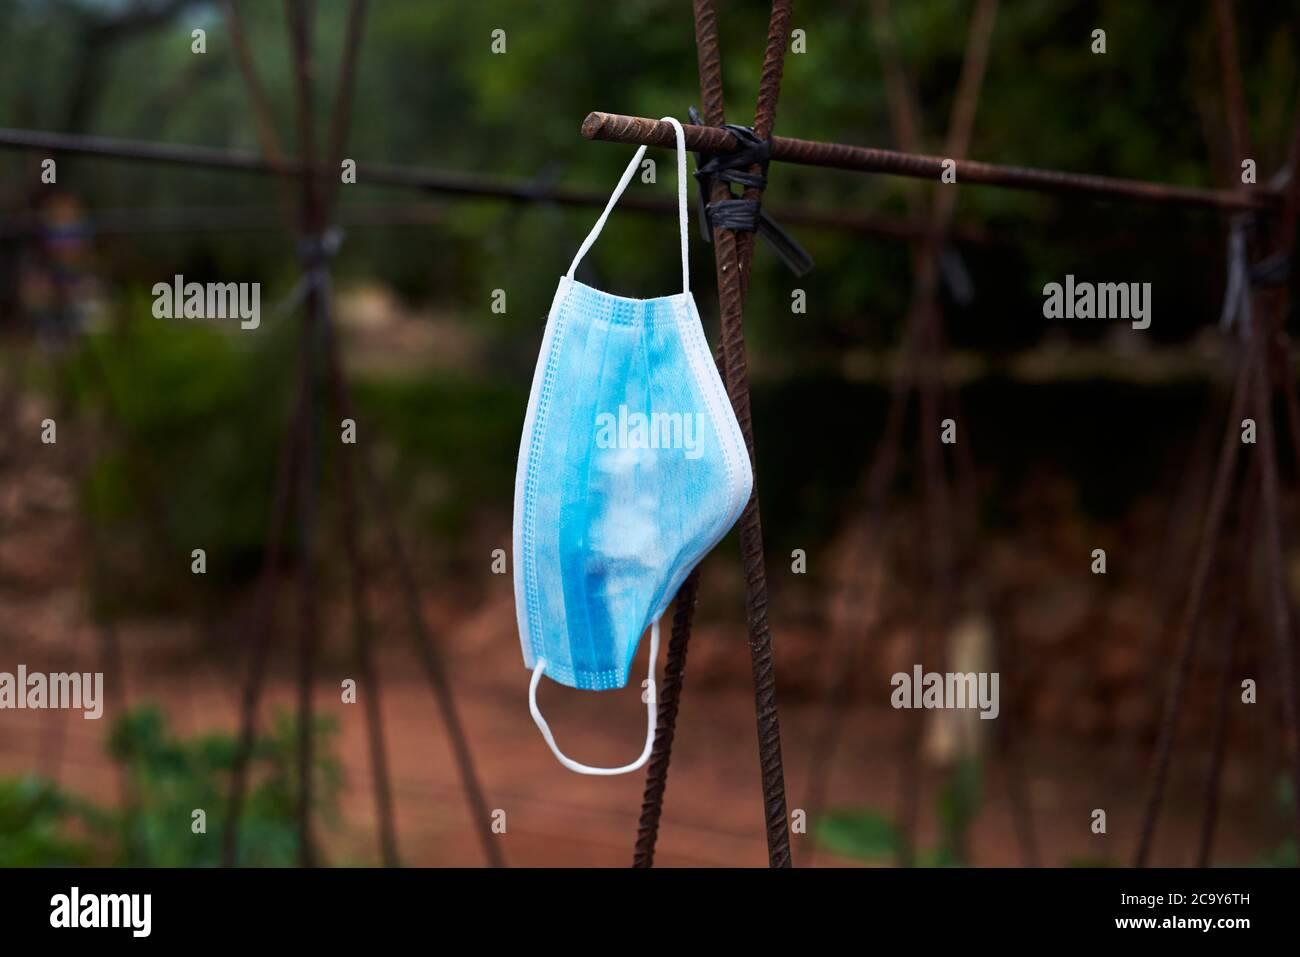 cierre de una máscara azul colgando del soporte oxidado por el cual las plantas de tomate y las plantas de frijol suben, en un huerto orgánico Foto de stock